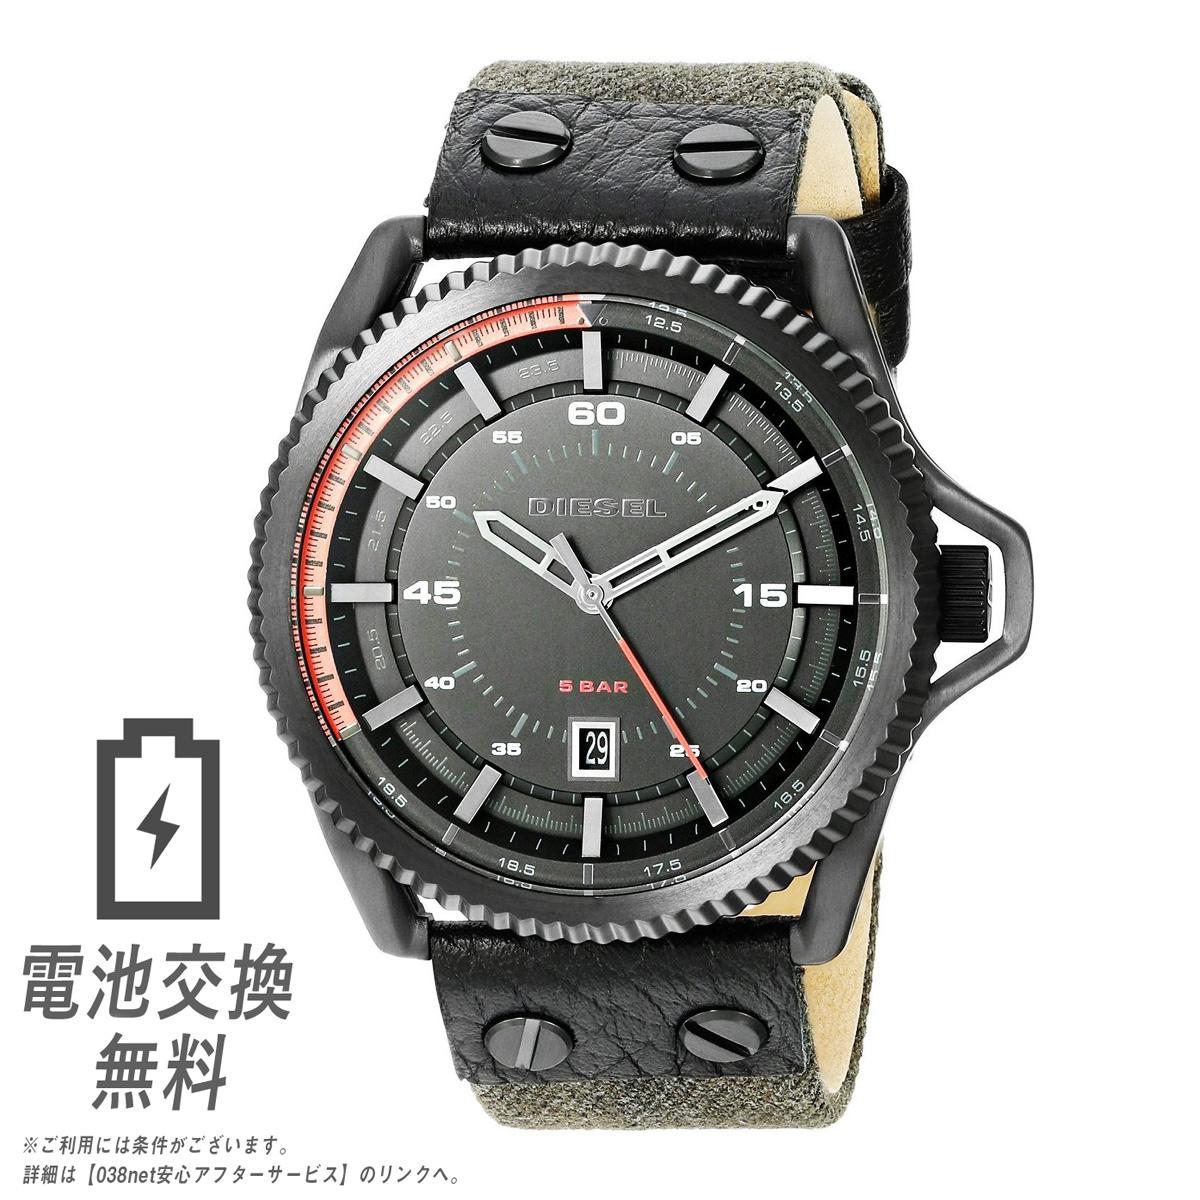 【ラッピング無料】ディーゼル DIESEL 腕時計 メンズ ロールケージ ブラック デニム アナログ カレンダー Rollcaze DZ1728 男性用 時計 黒色 カジュアル ビジネス